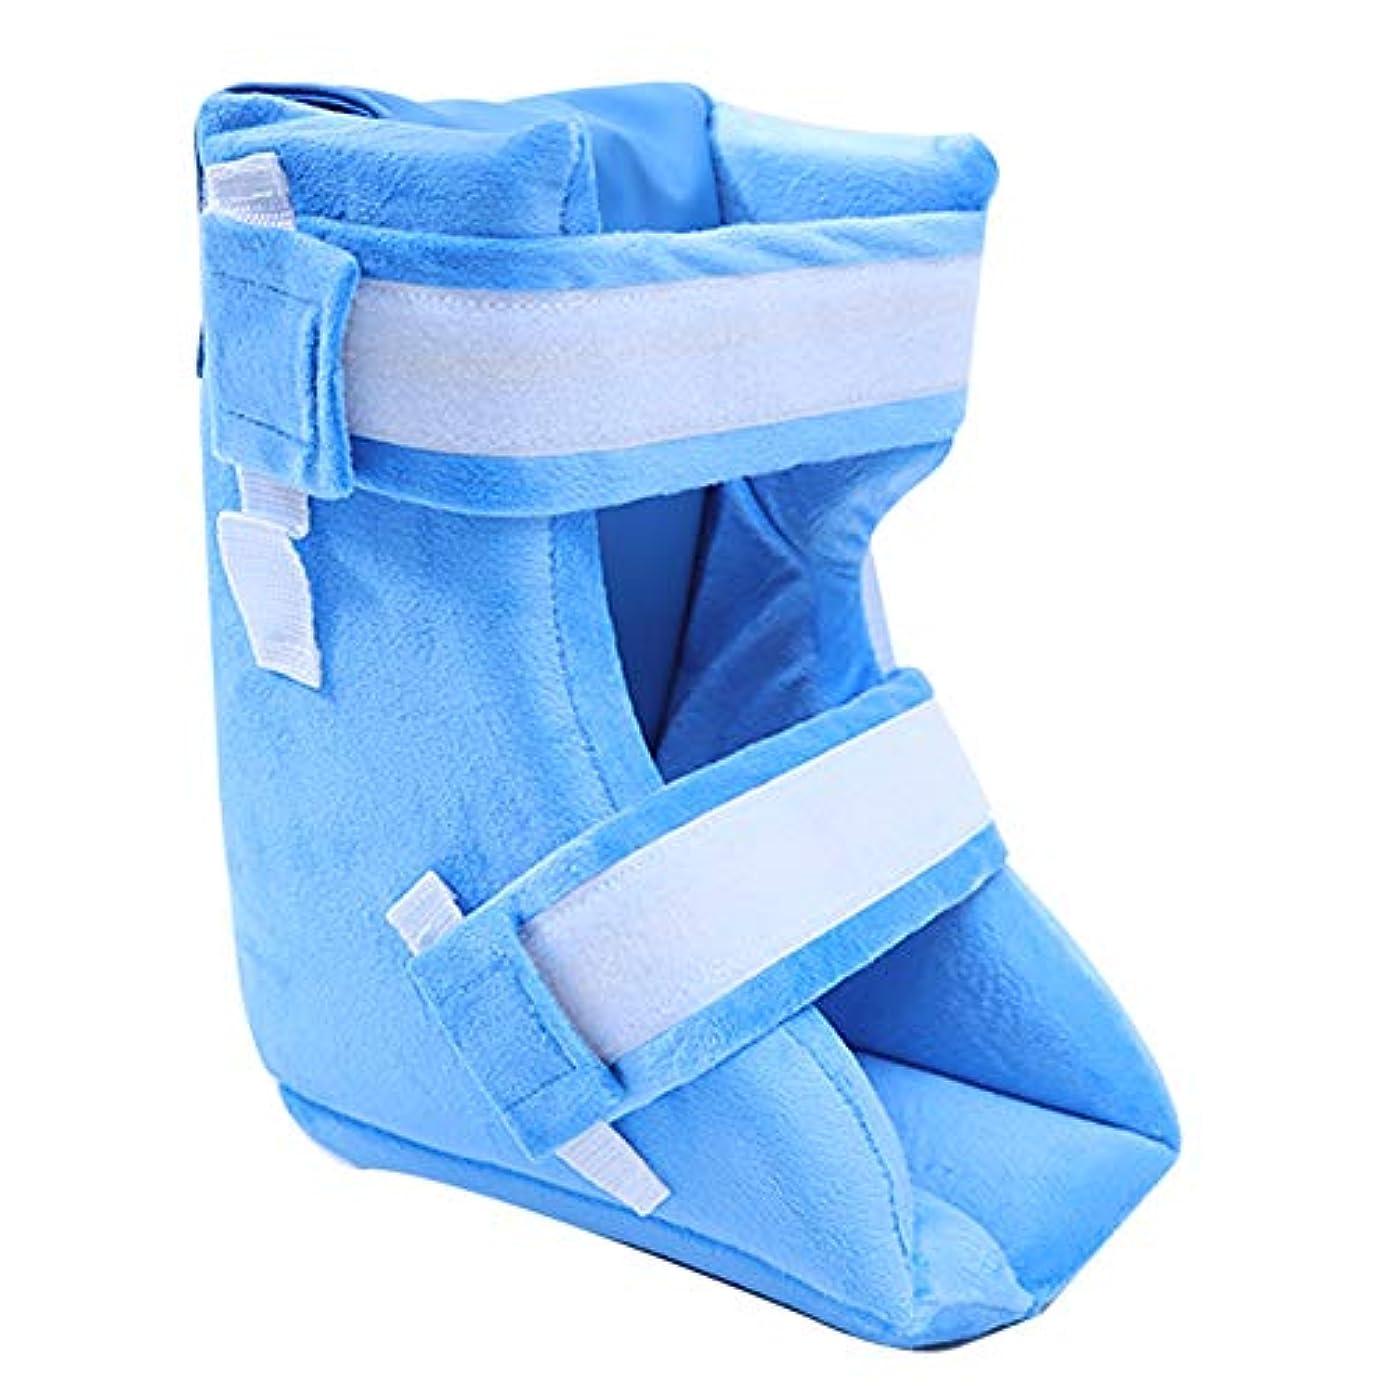 圧倒的十年無しヒールプロテクター、ベッドの痛みのためのプロテクタークッション、足のエレベーターサポート枕、身に着けているために調節可能で簡単、治癒を促進するために圧力、傷や潰瘍から保護